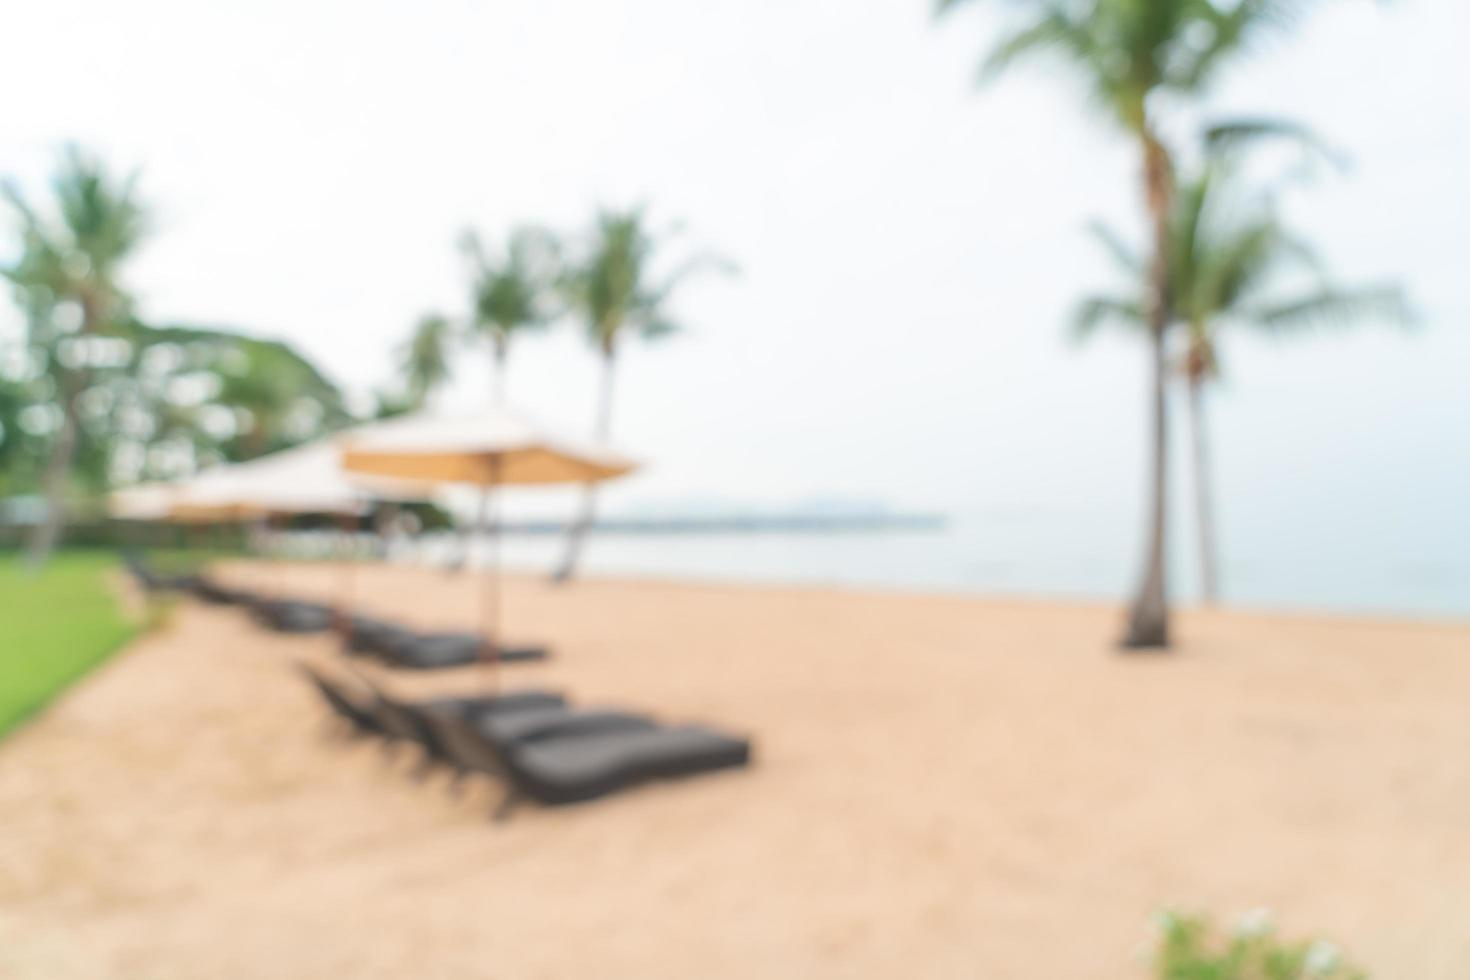 abstrakt suddig strandstol på stranden med havshavet för bakgrund - resor och semesterbegrepp foto